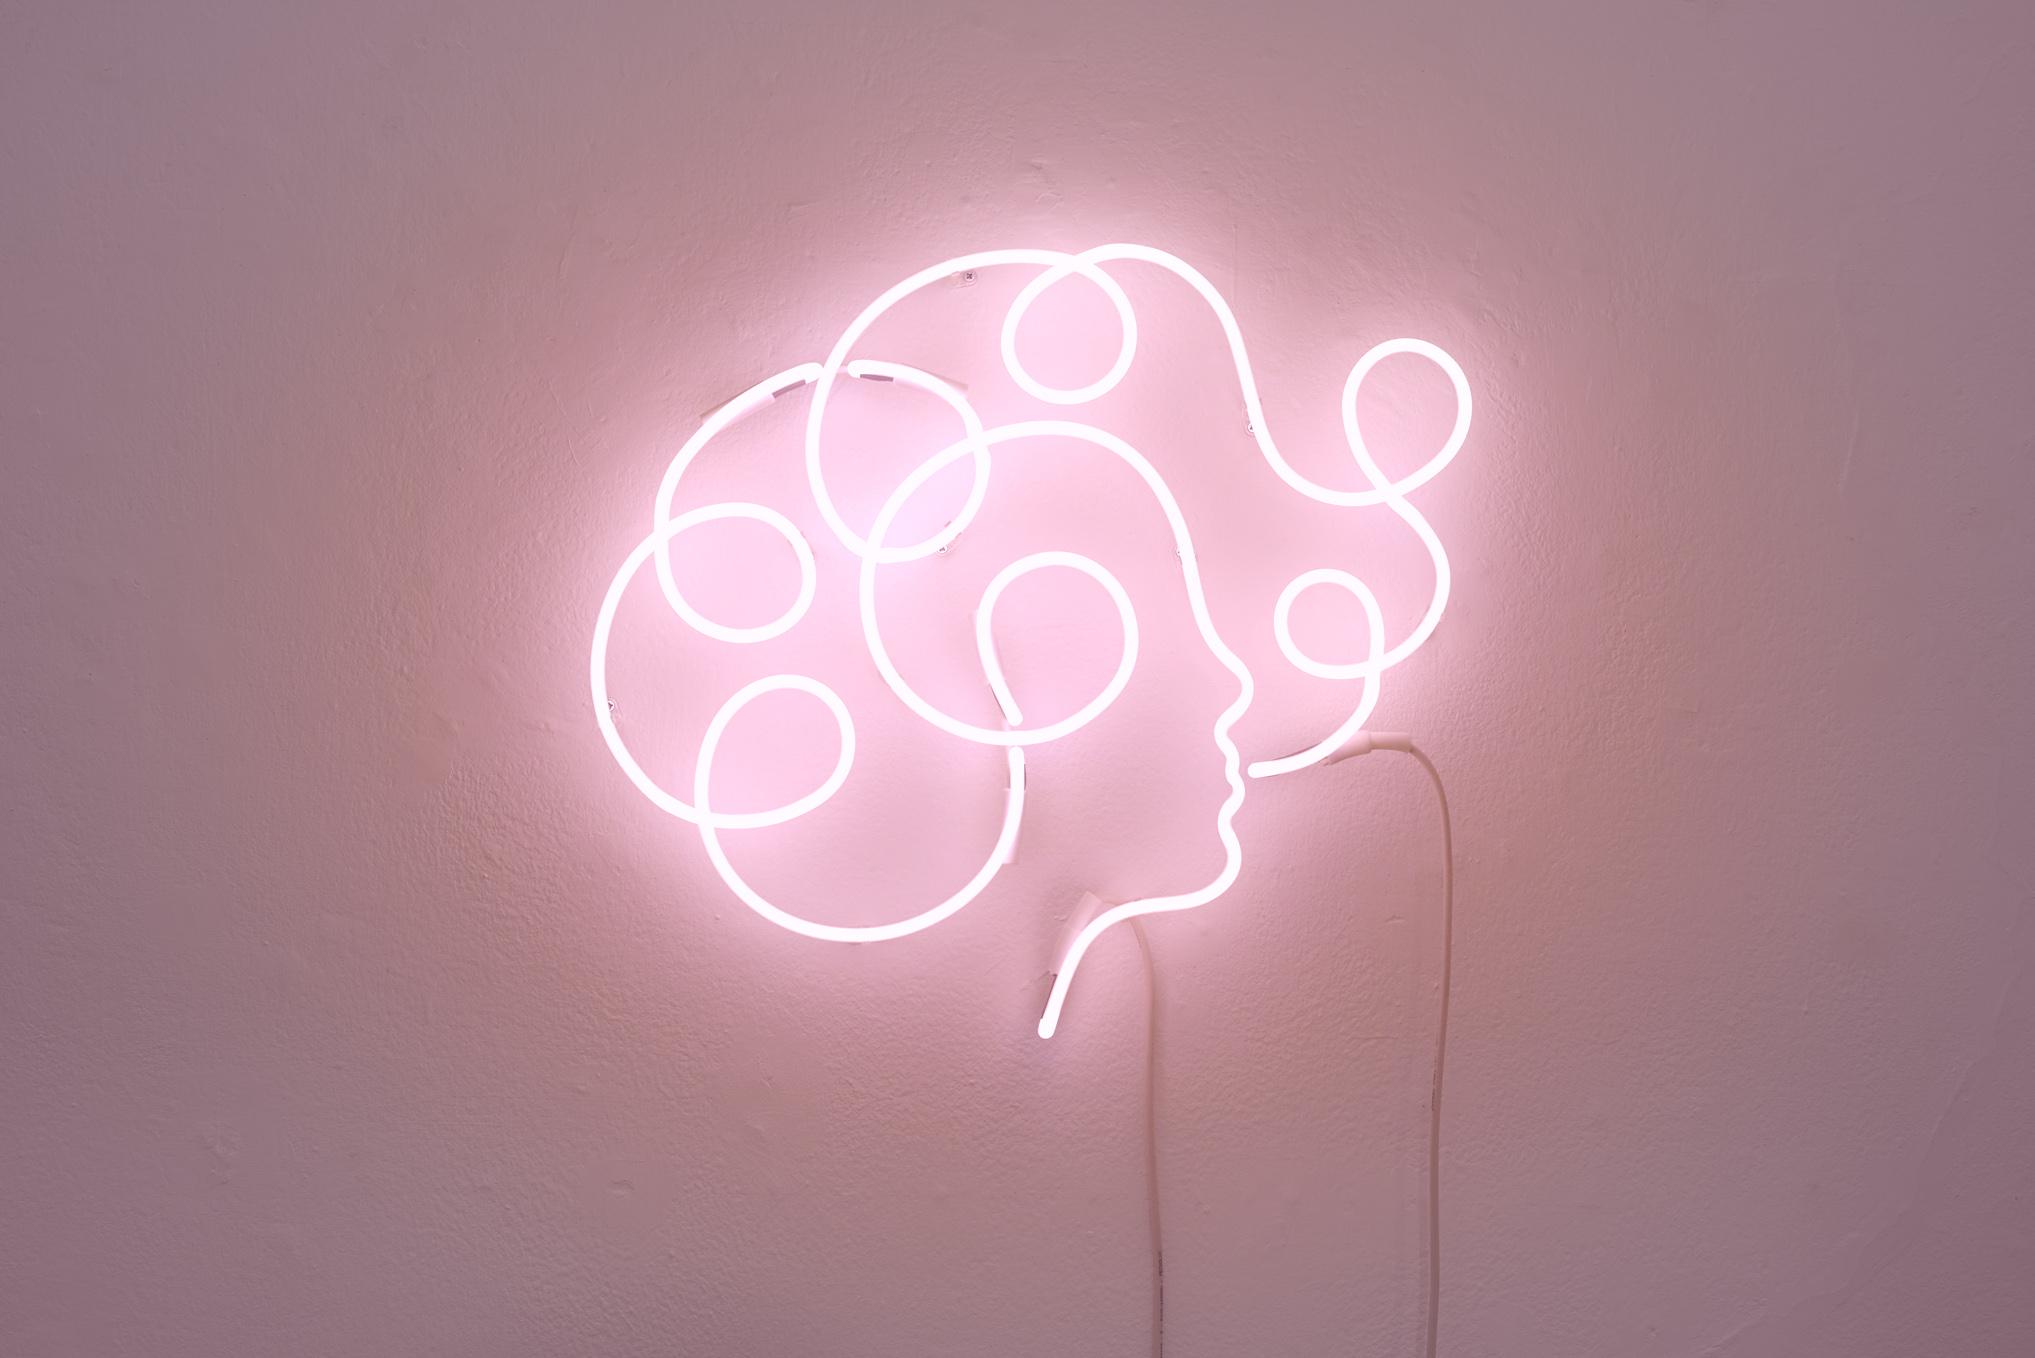 Olimpia Zagnoli, How to eat spaghetti like a lady, 2017, neon sculpture